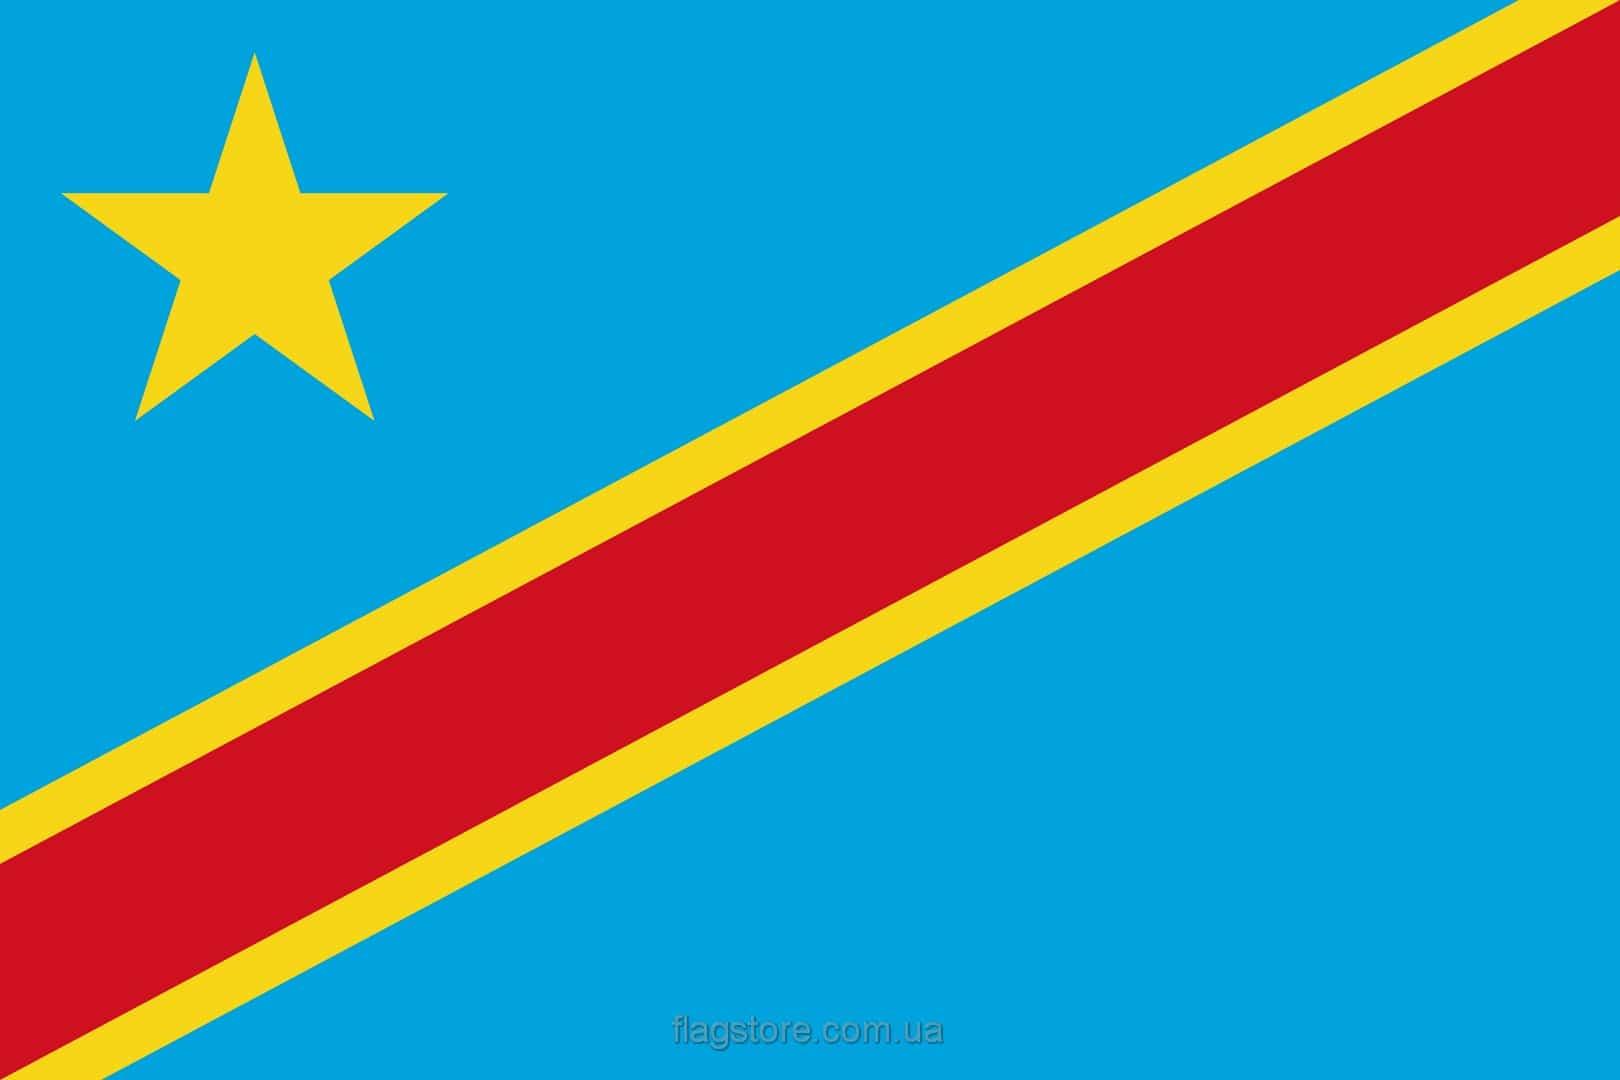 Купить флаг Демократической Республики Конго (страны Демократическая Республика Конго)